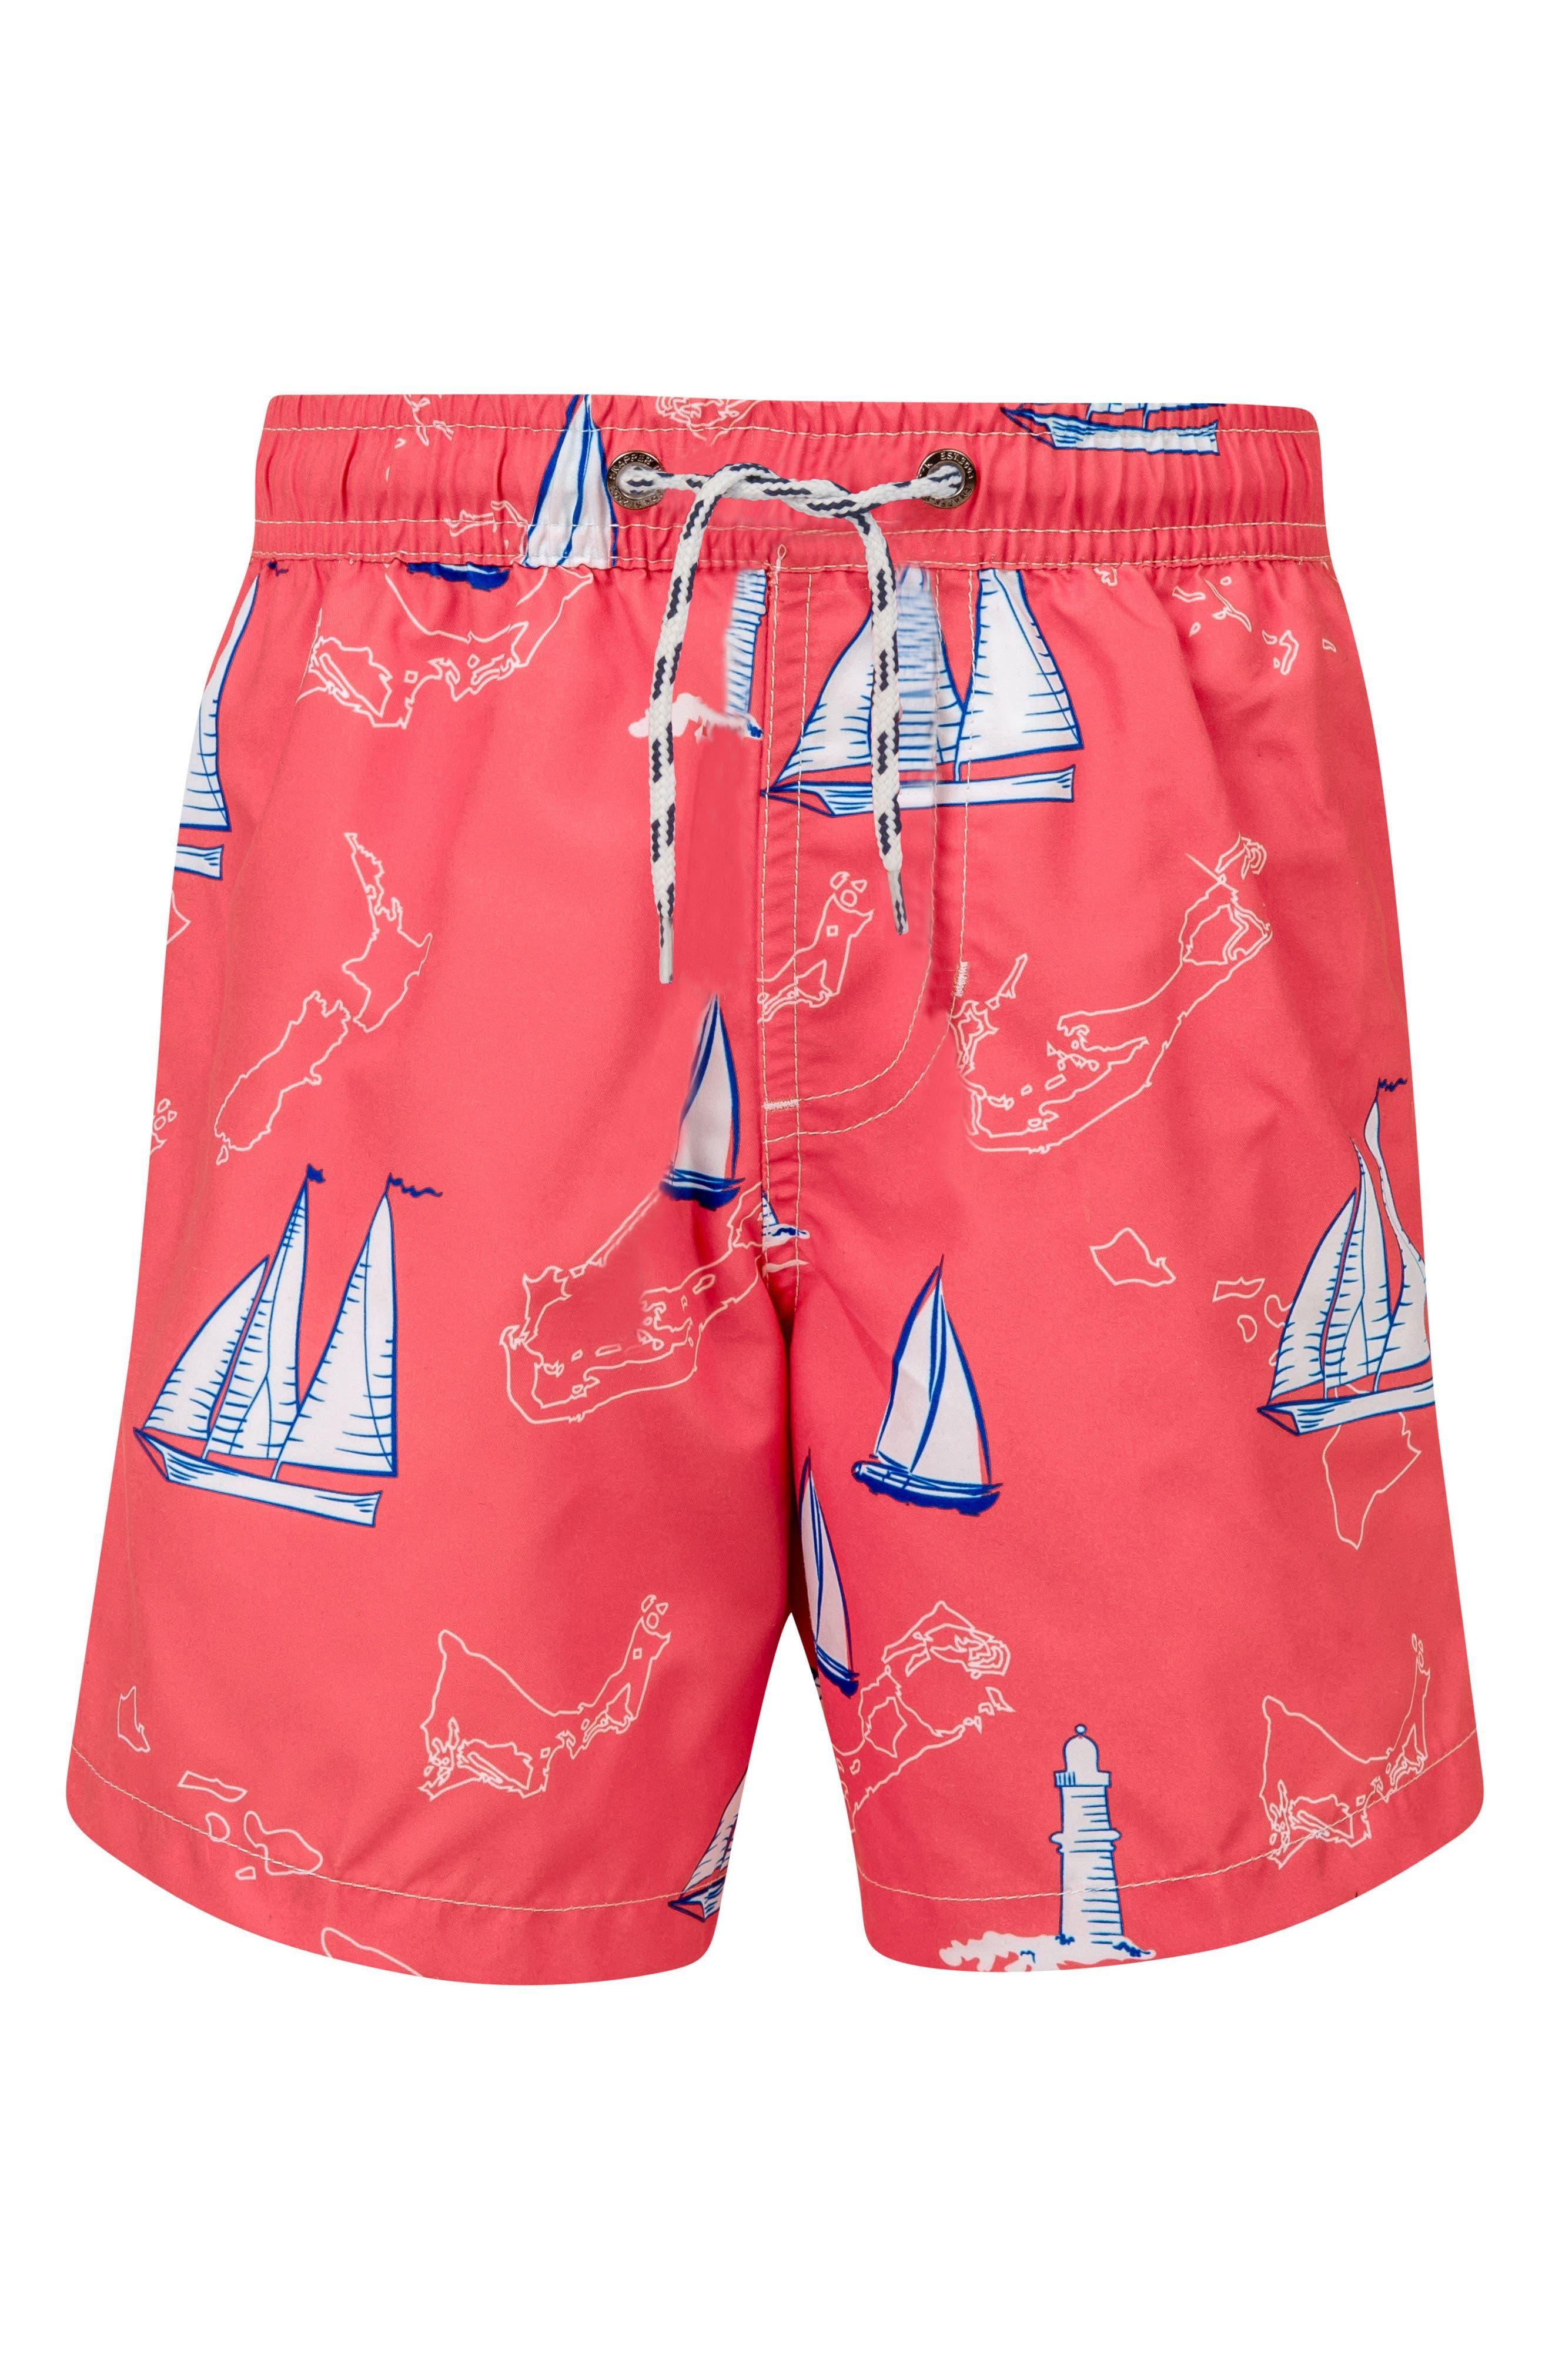 Island Sail Board Shorts,                             Main thumbnail 1, color,                             630